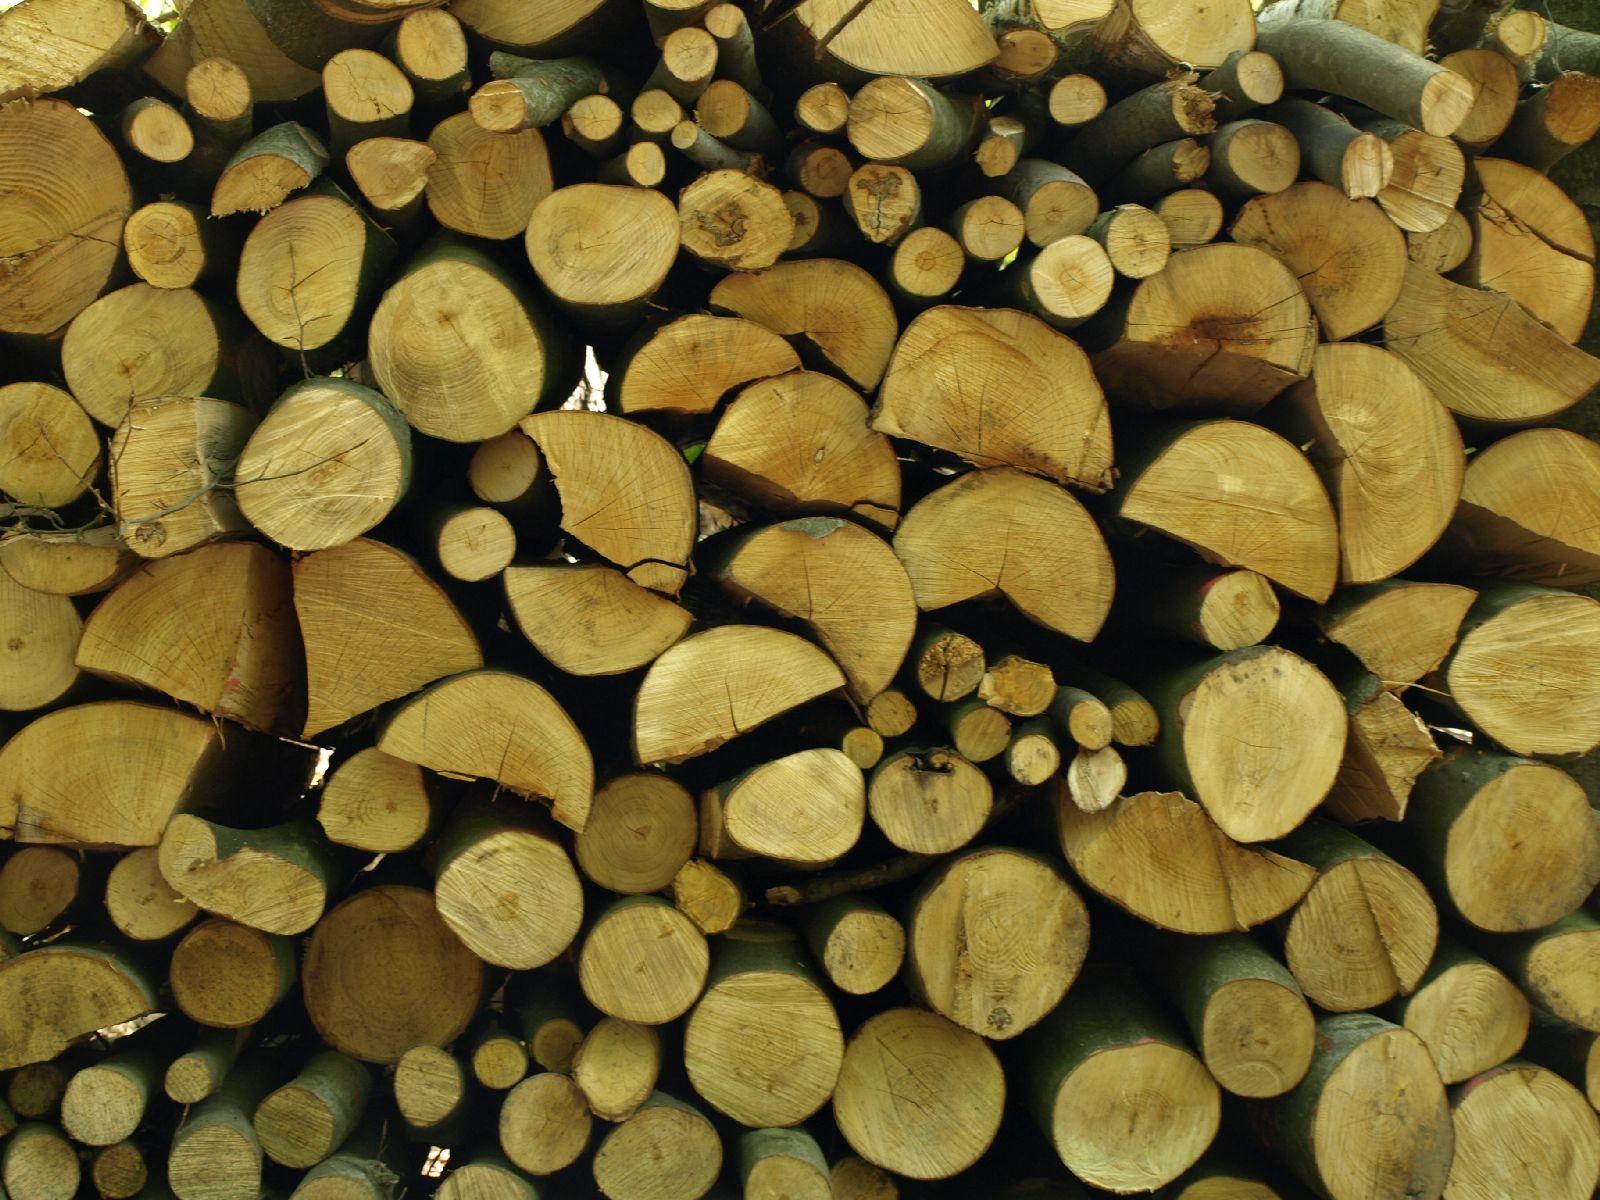 Holz_Textur_A_P5042458